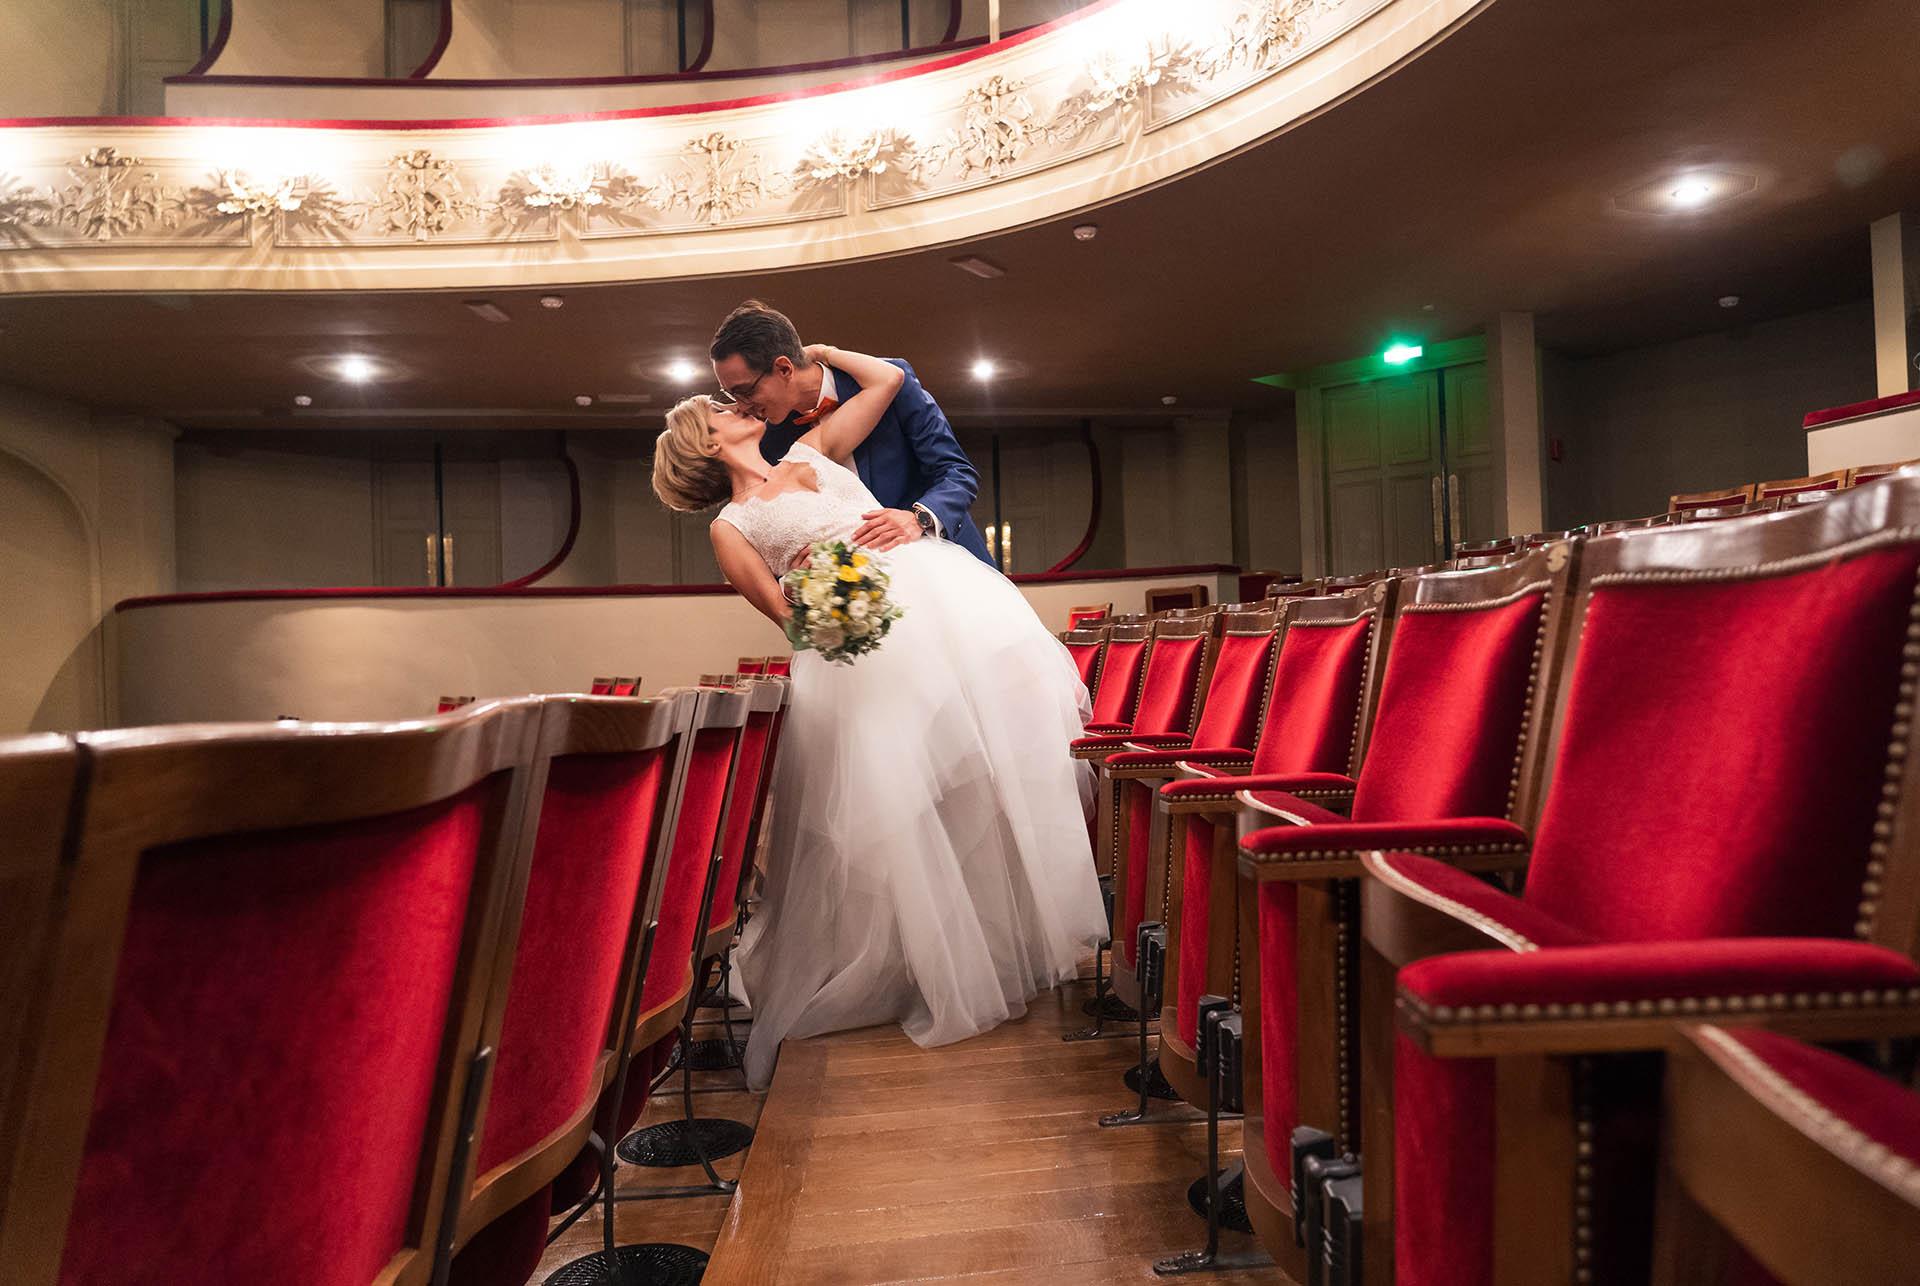 Paris, France Wedding Photographer - Laurent Didier Photographe